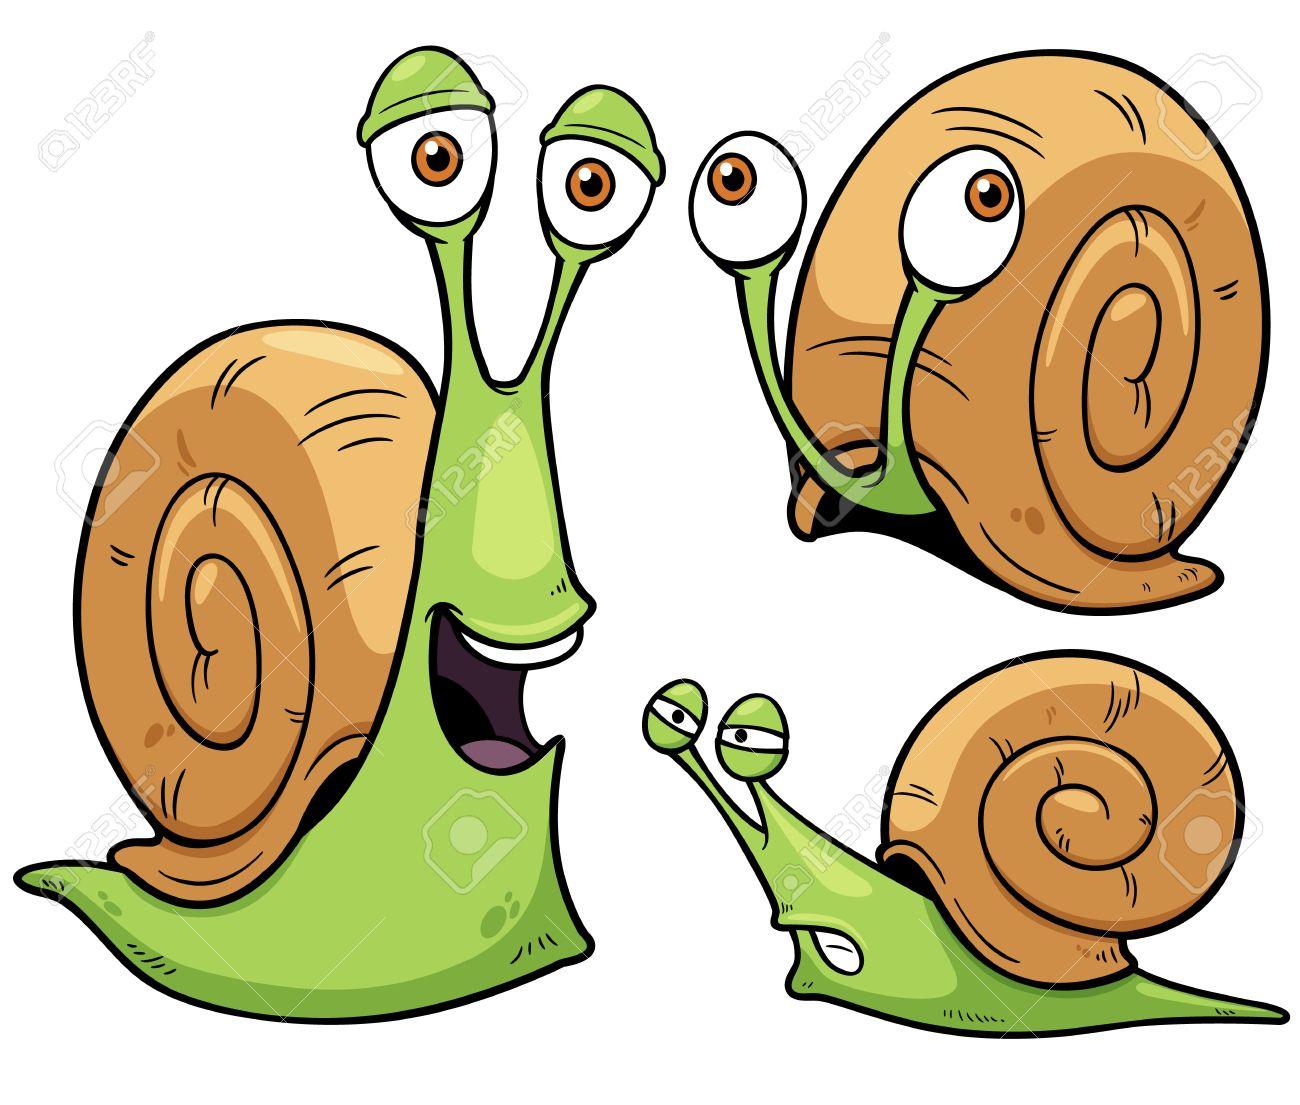 Vector illustration of Snail cartoon.